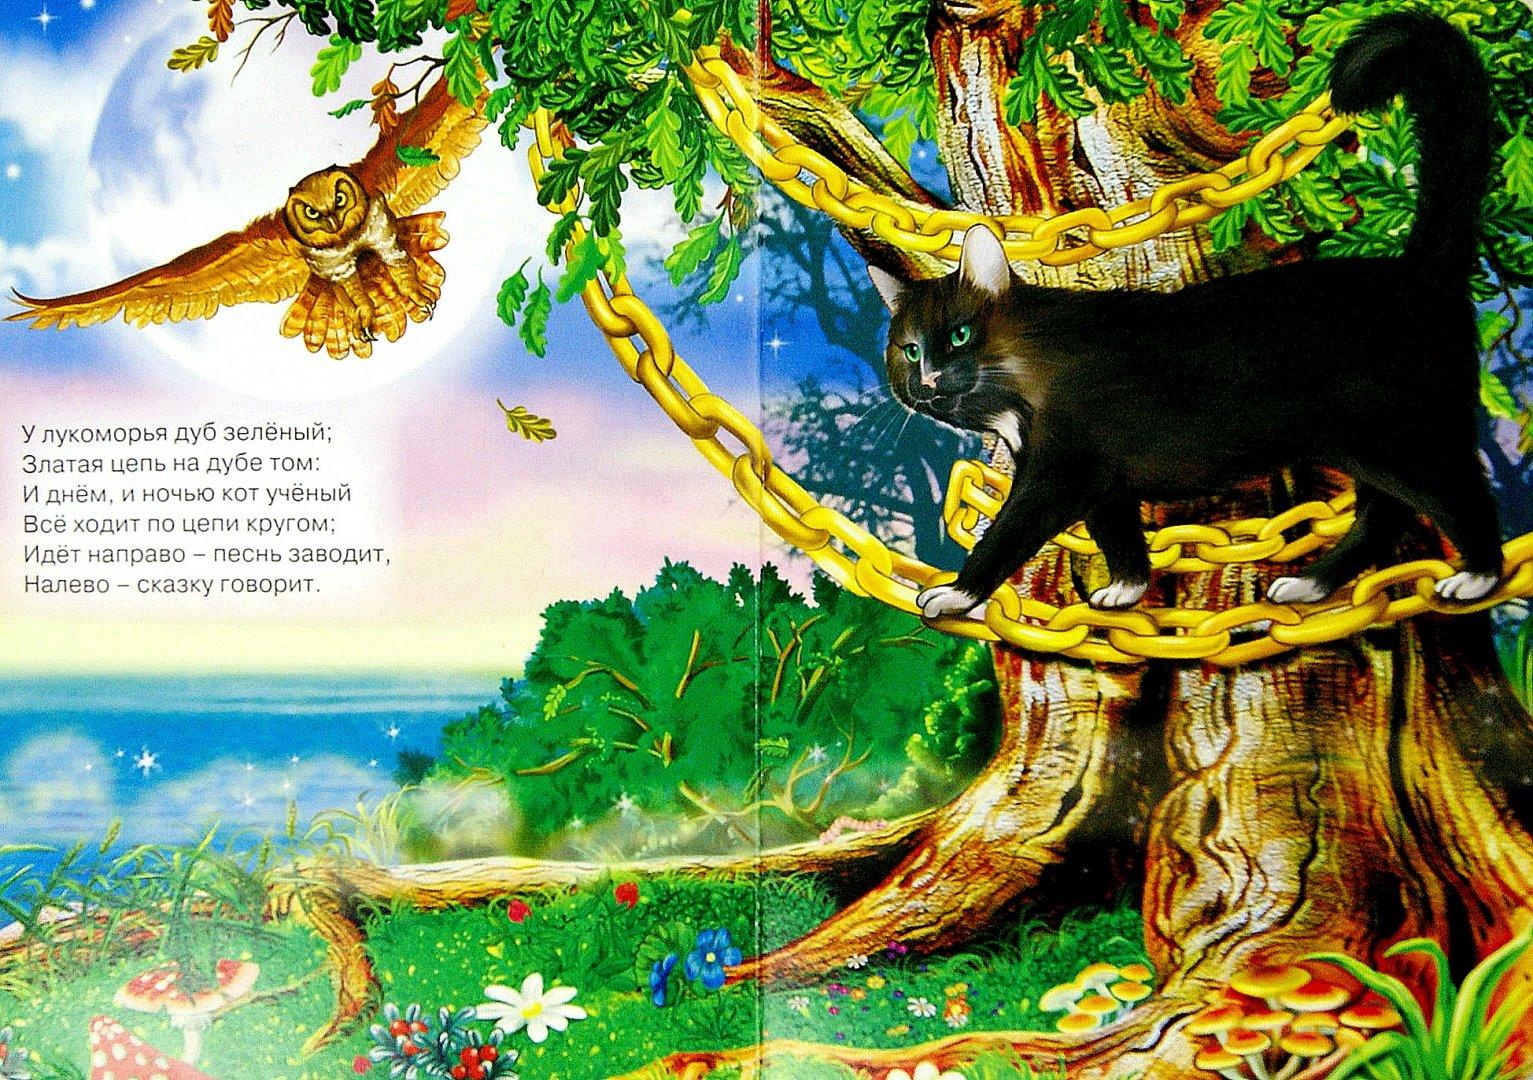 такие экземпляры, иллюстрация у лукоморья дуб зеленый картинки раунд противостояния участием